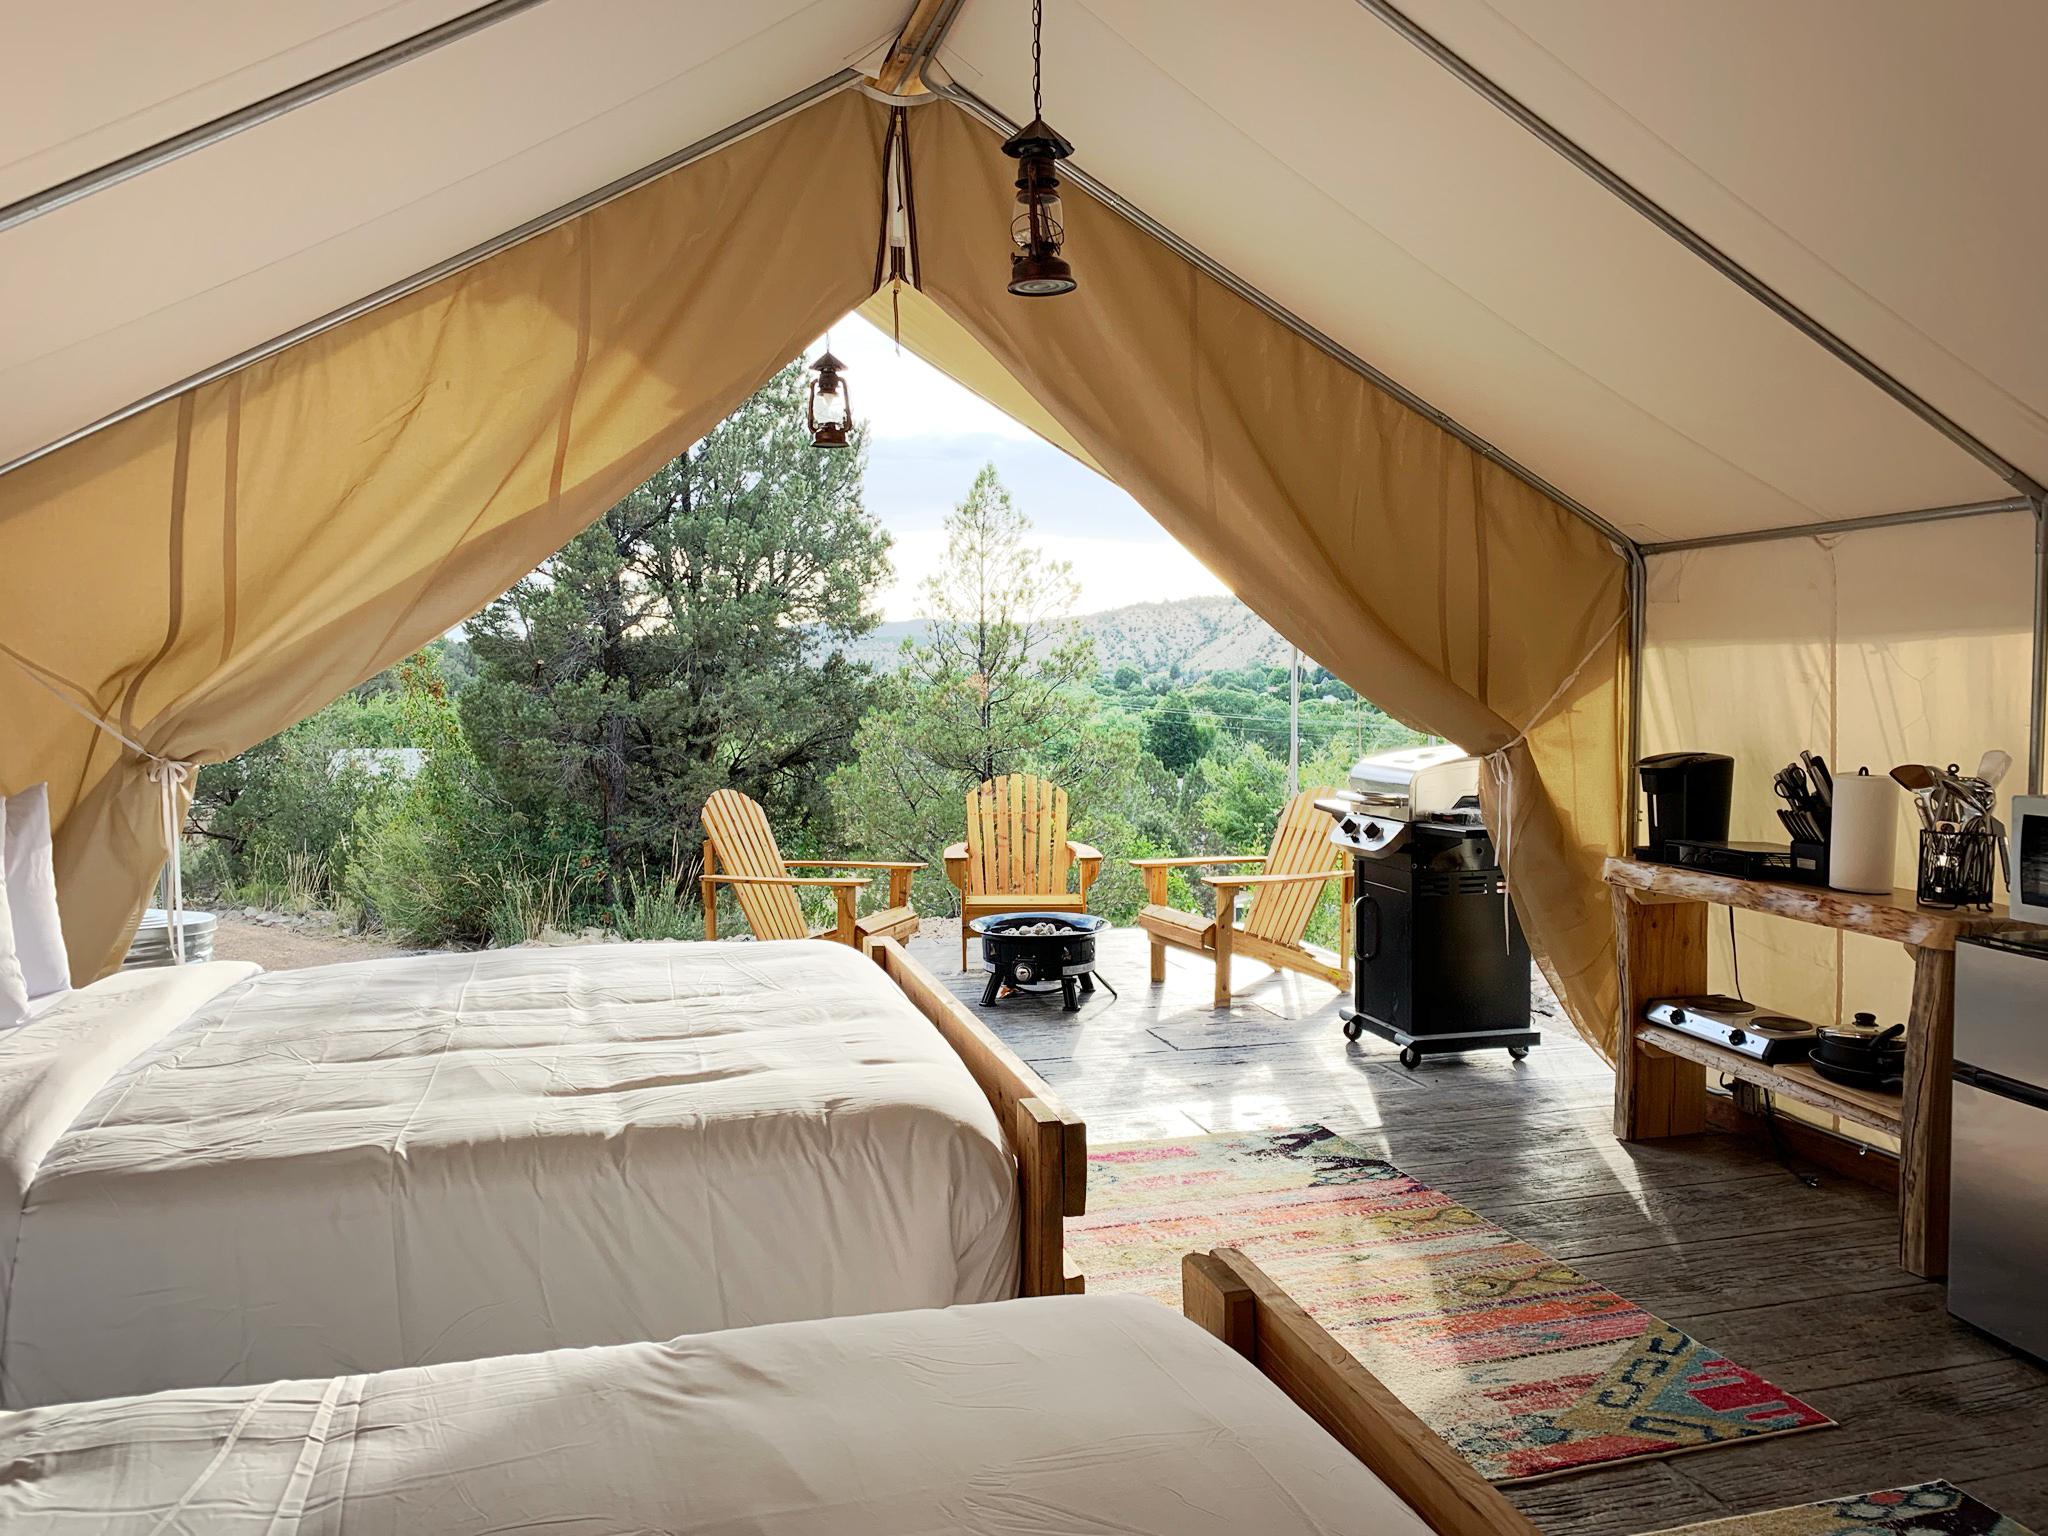 Tent Patio